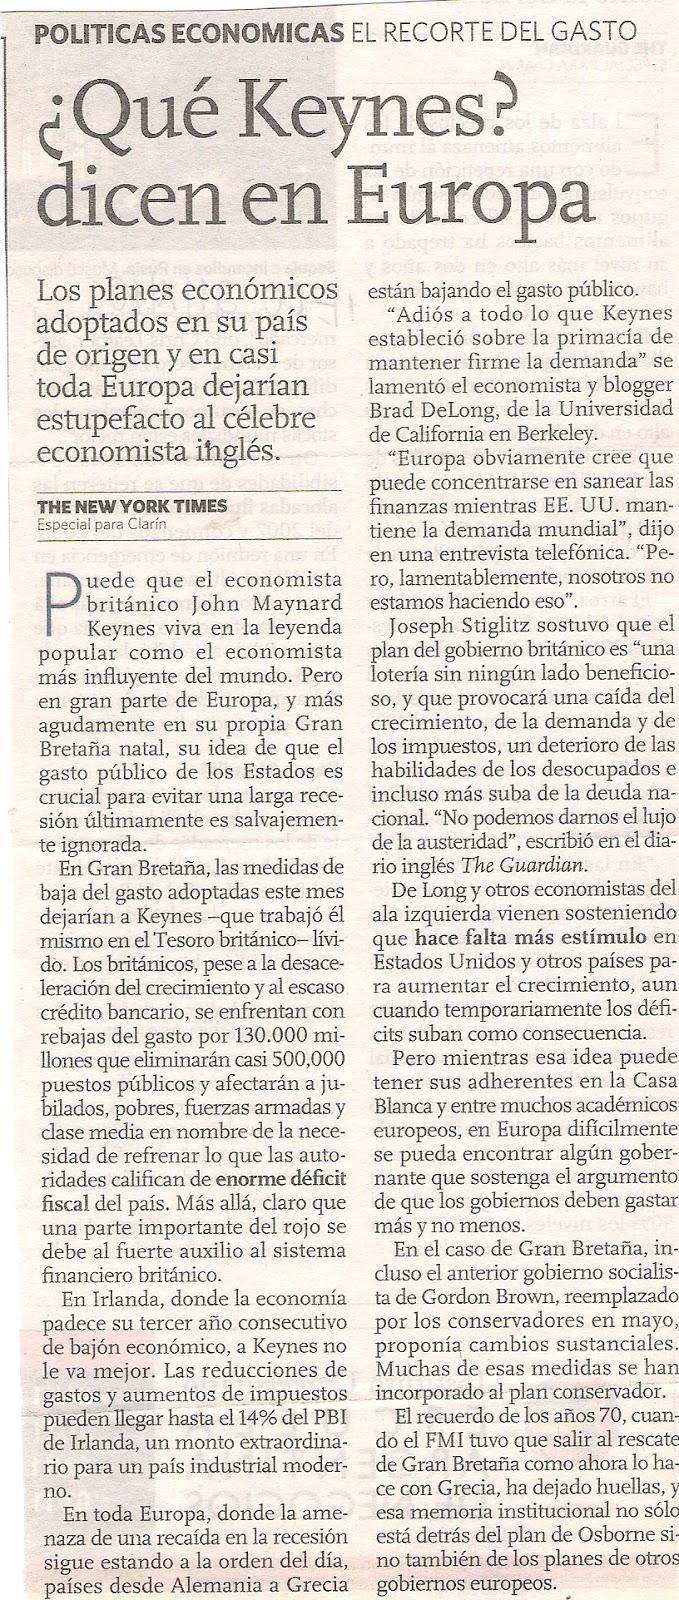 Politica internacional argentina u e 2010 que keynes for Que es politica internacional